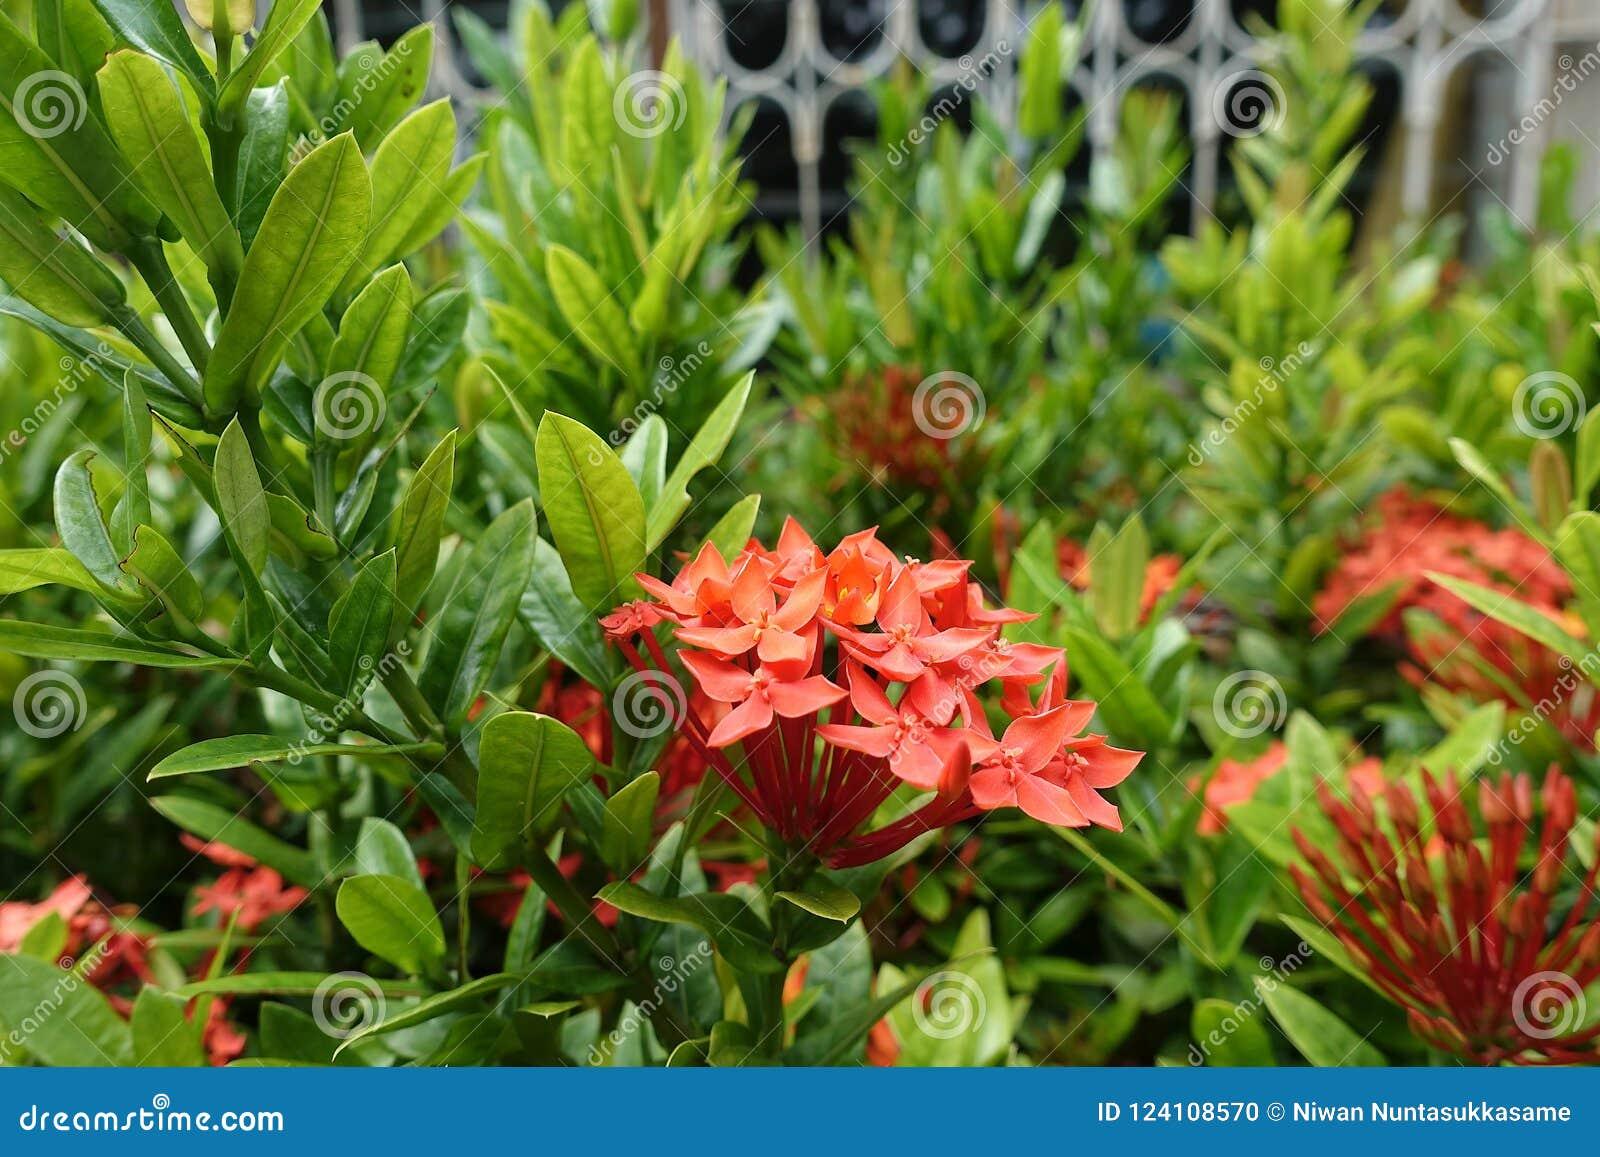 Rotes Bündel ixora, kleiner Blumenstrauß von Blumen